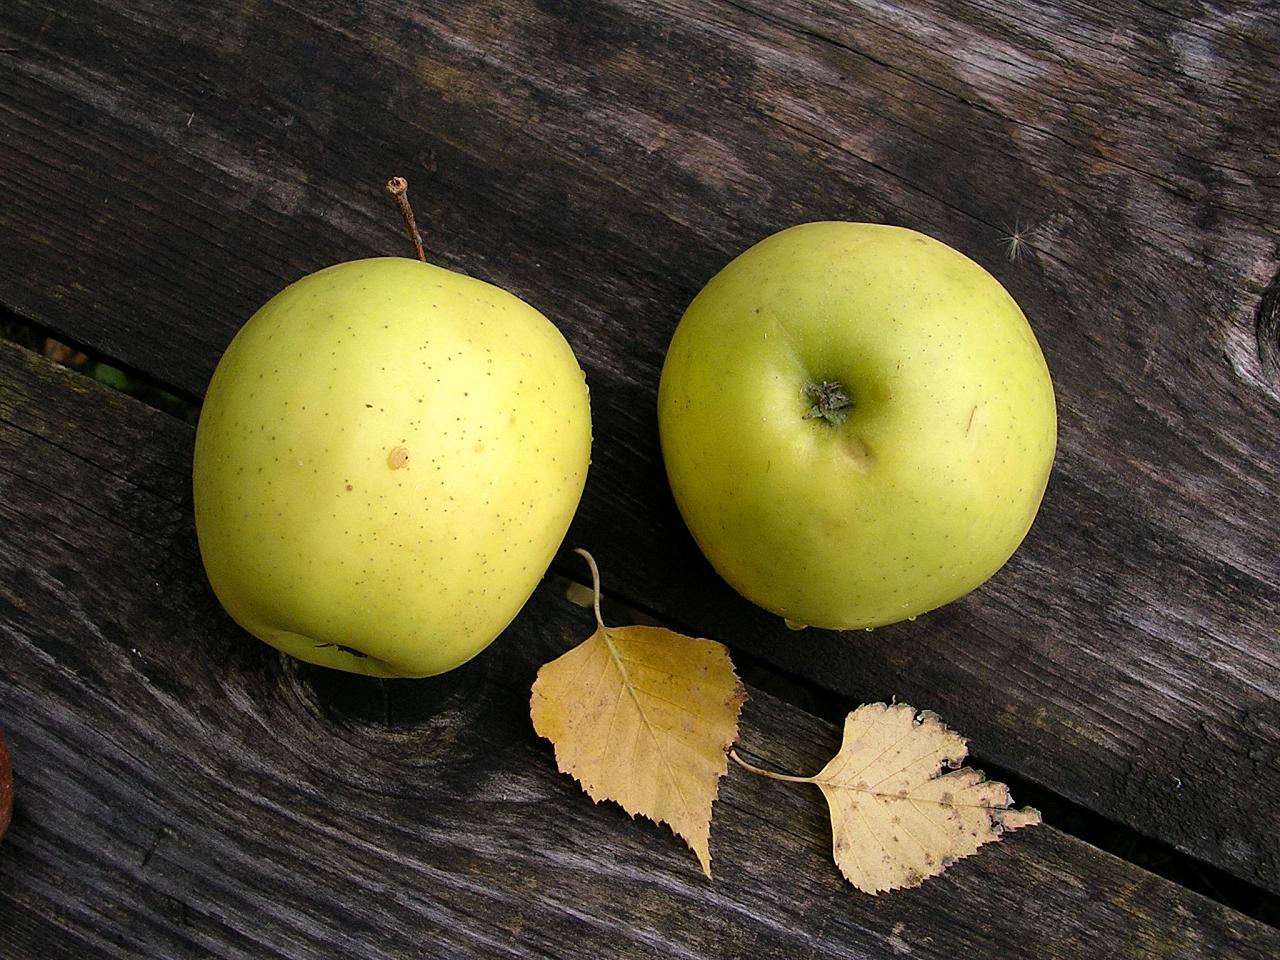 картинка спасибо с яблоками приветик виде